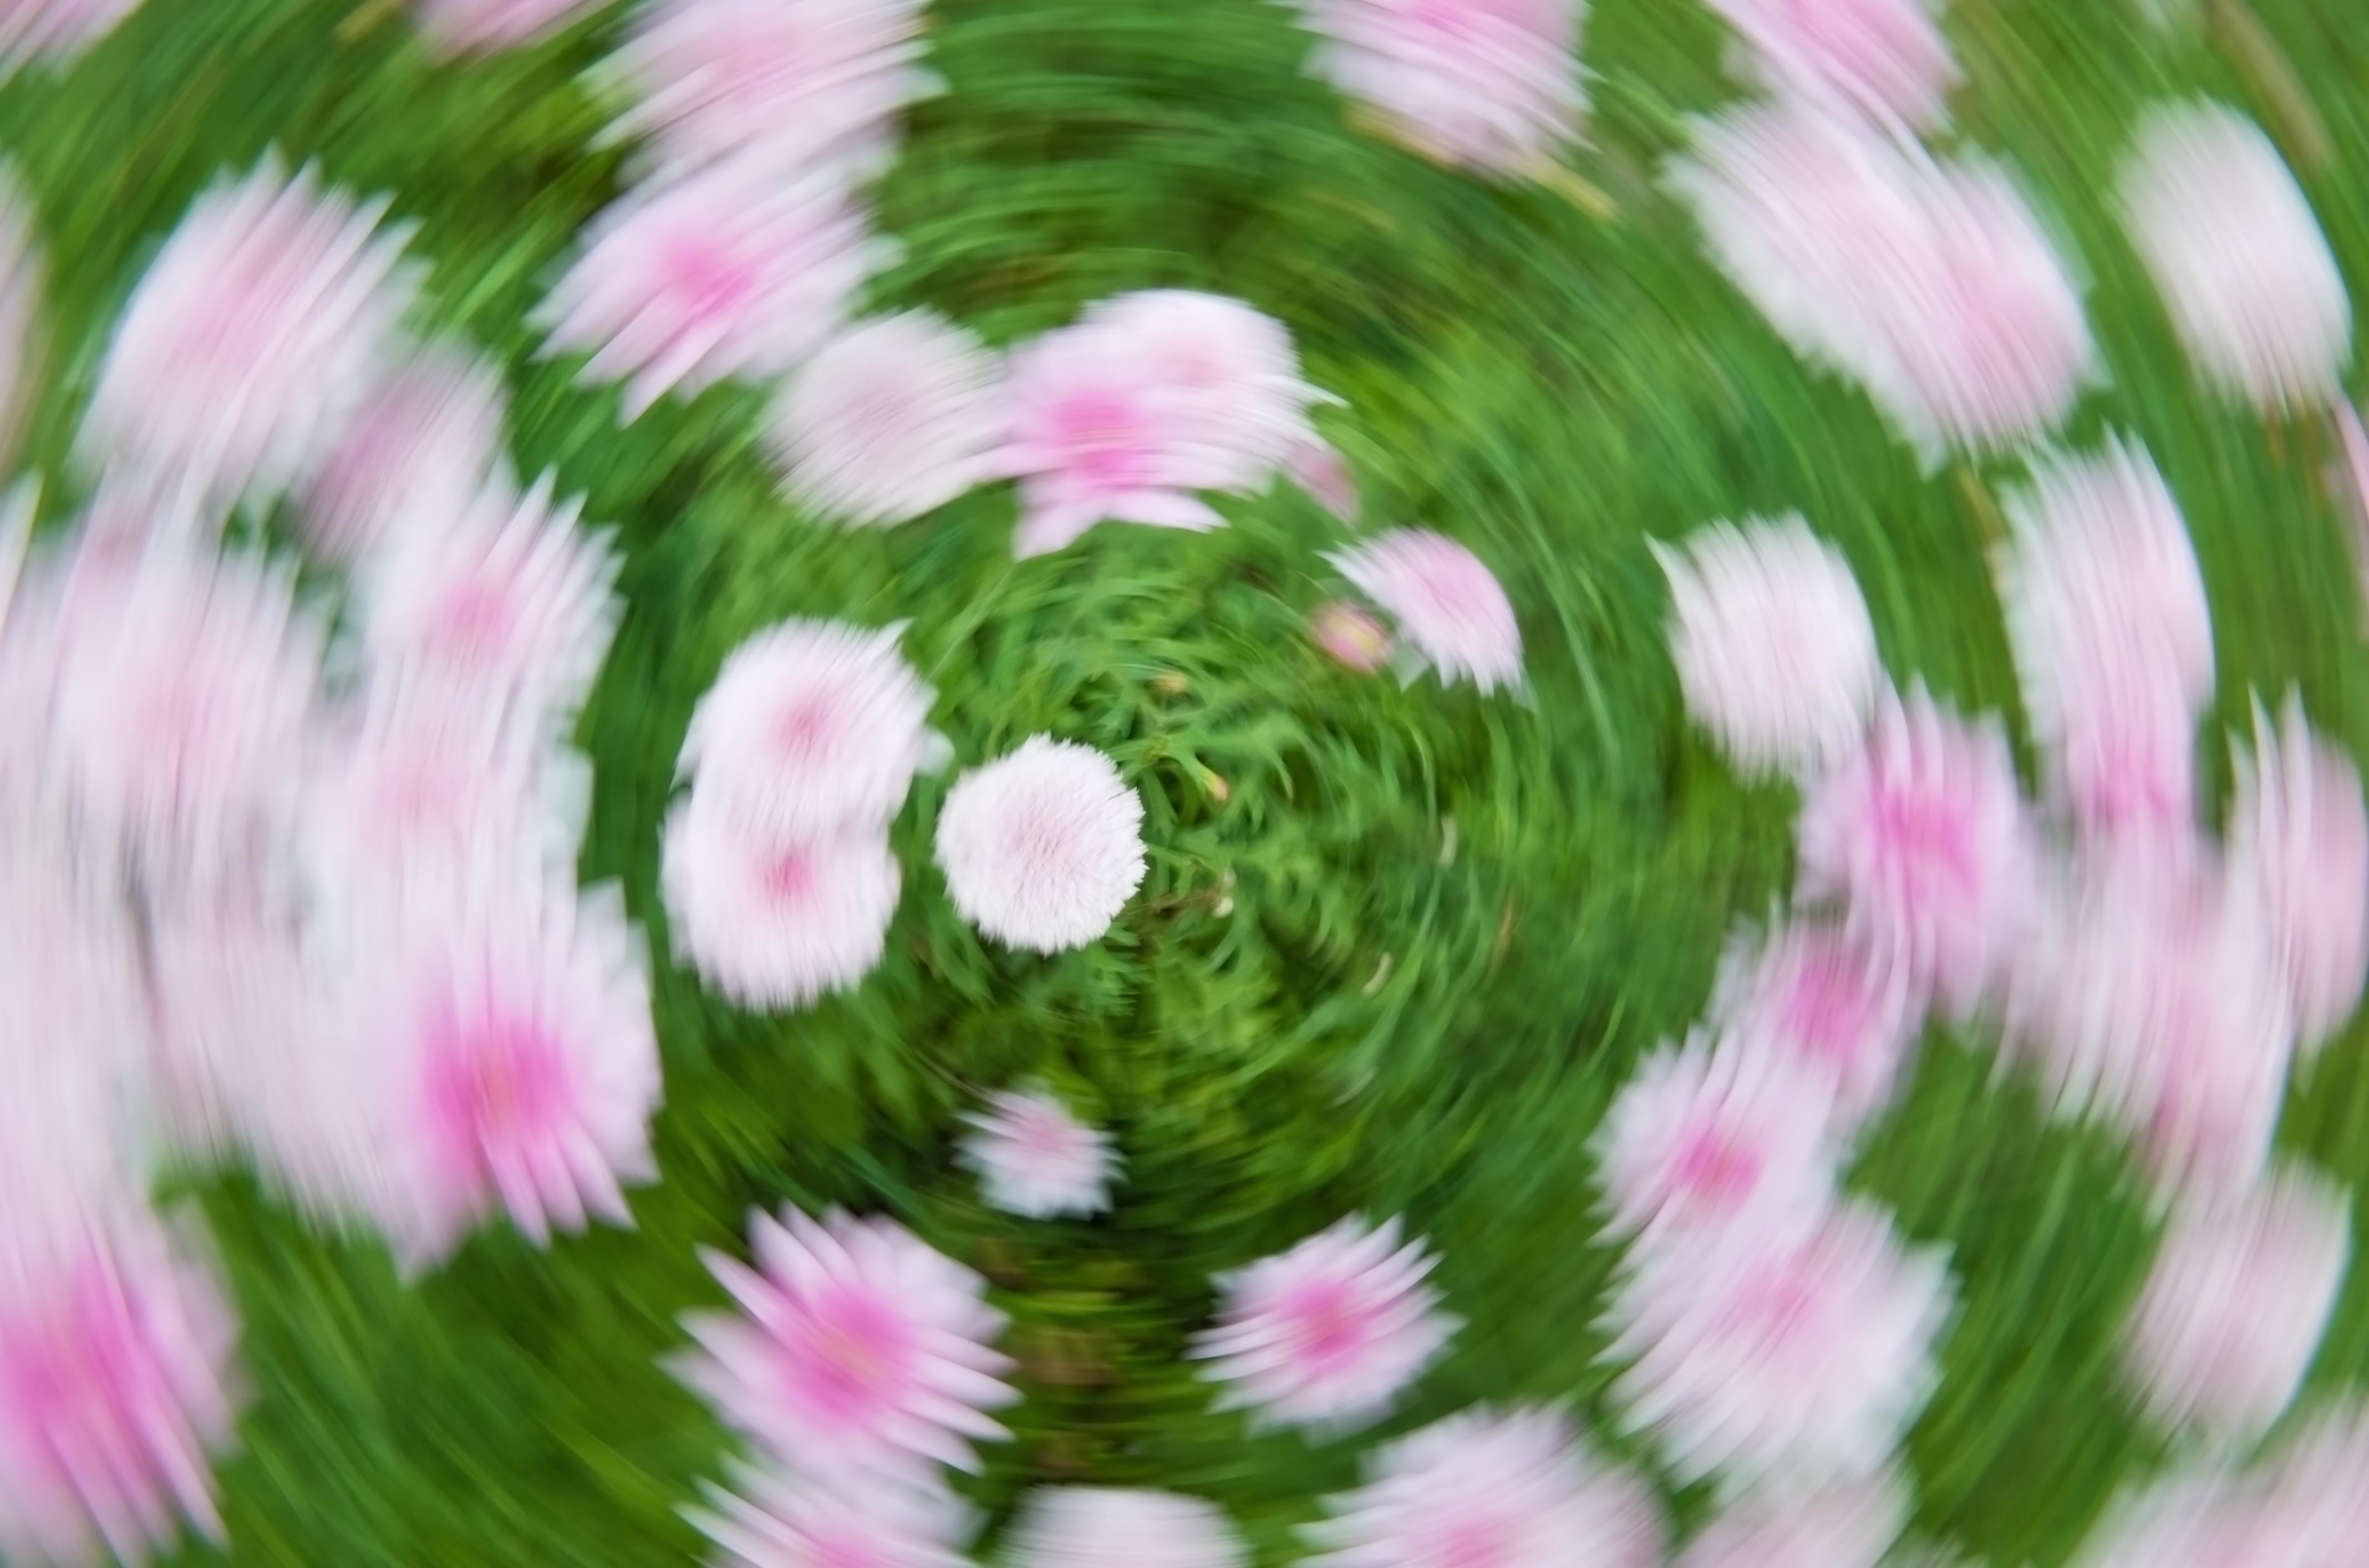 Schwindel verschwommene Blumen